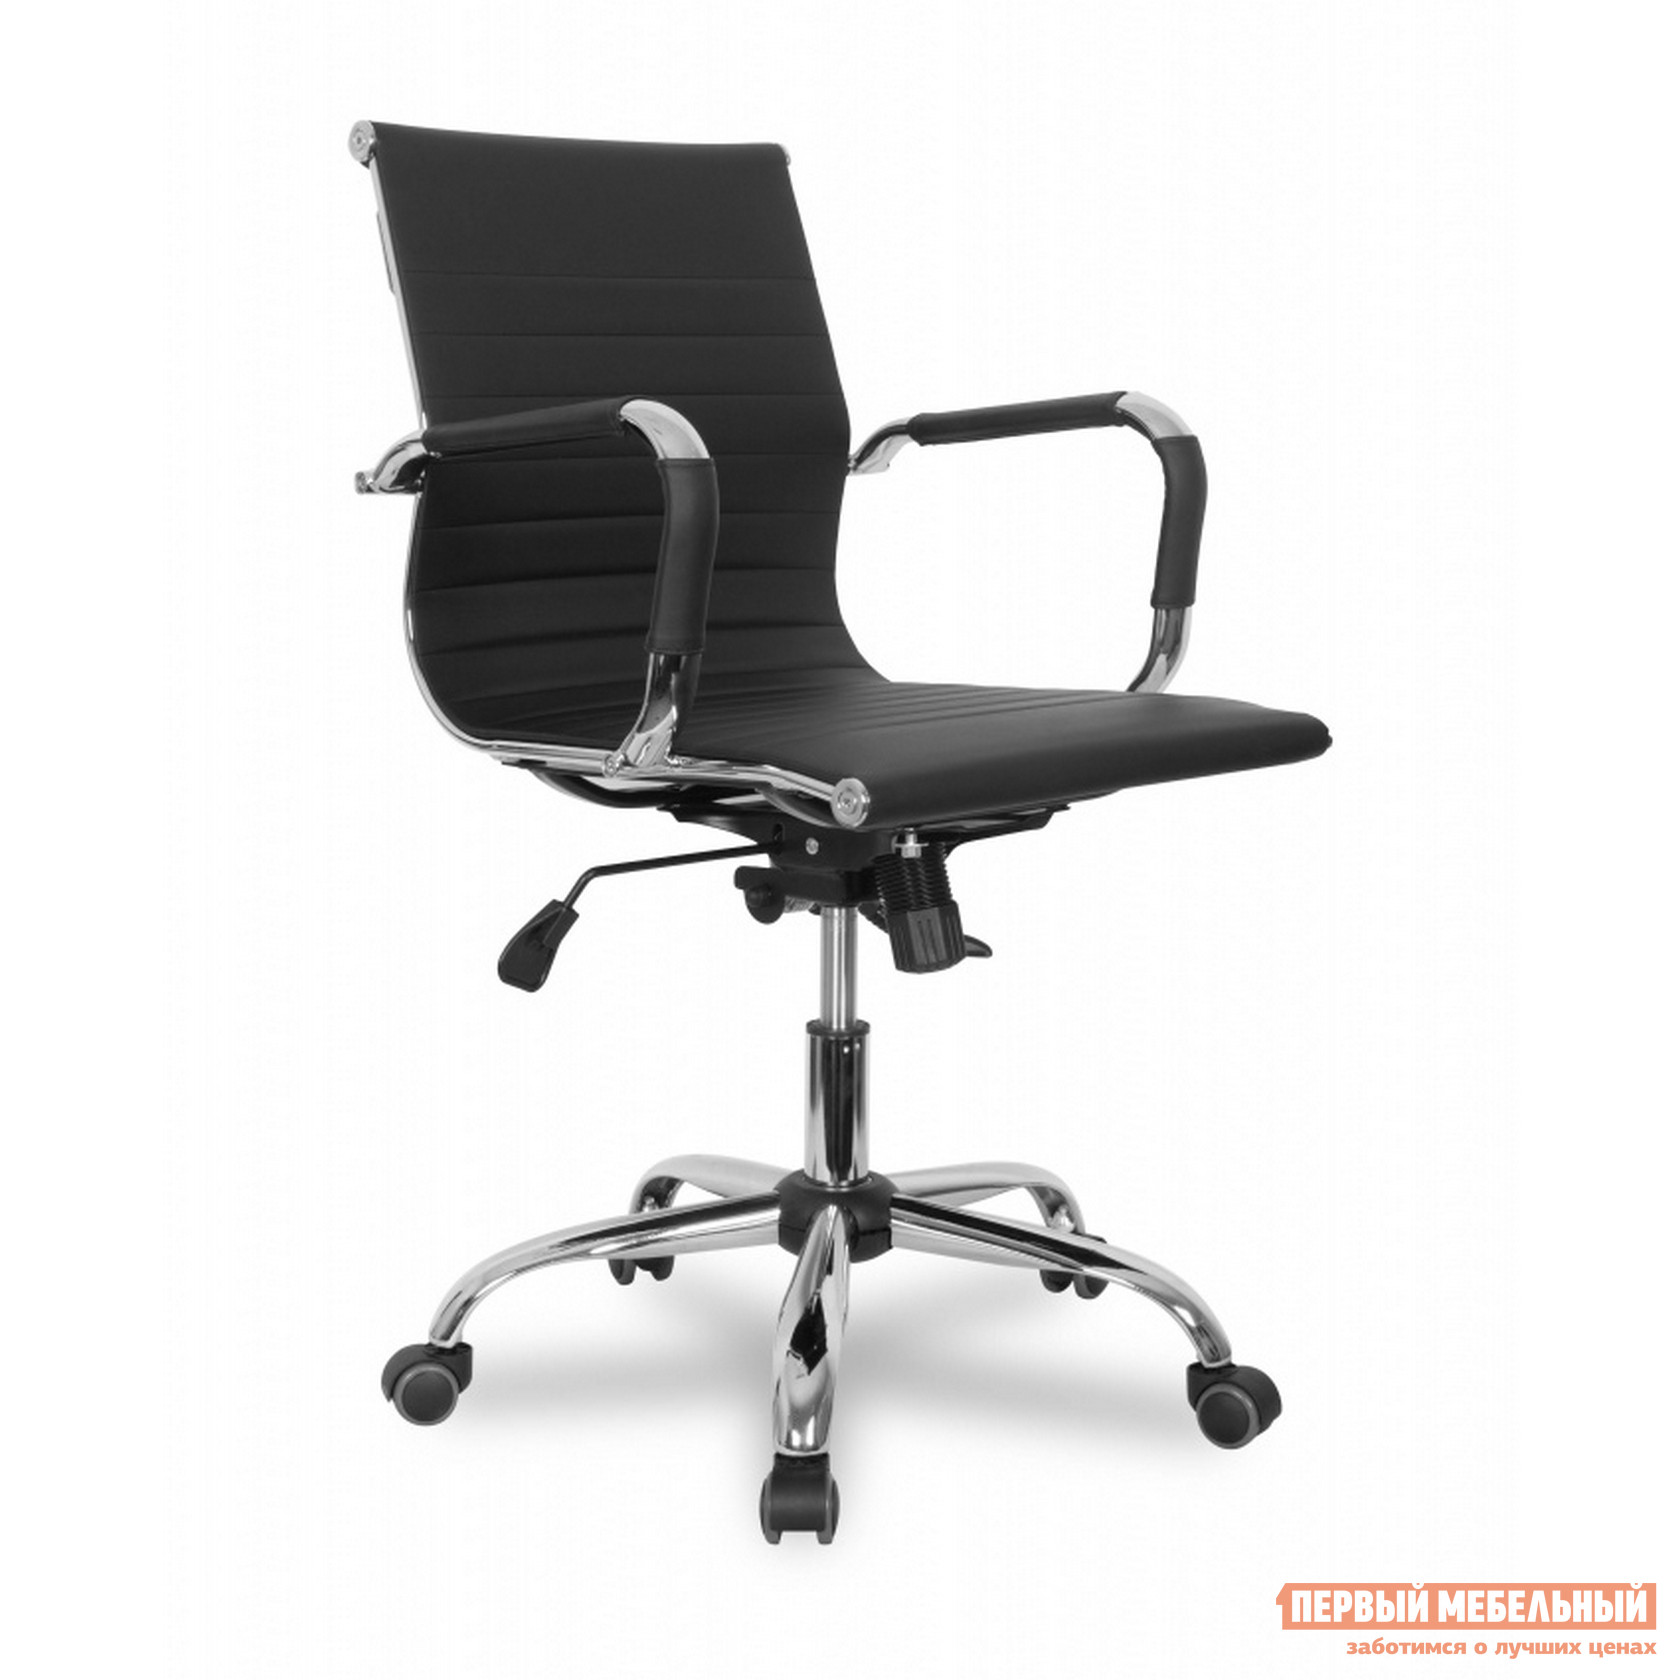 Офисное кресло College Кресло CLG-620 LXH-B кресло руководителя college clg 620 lxh a